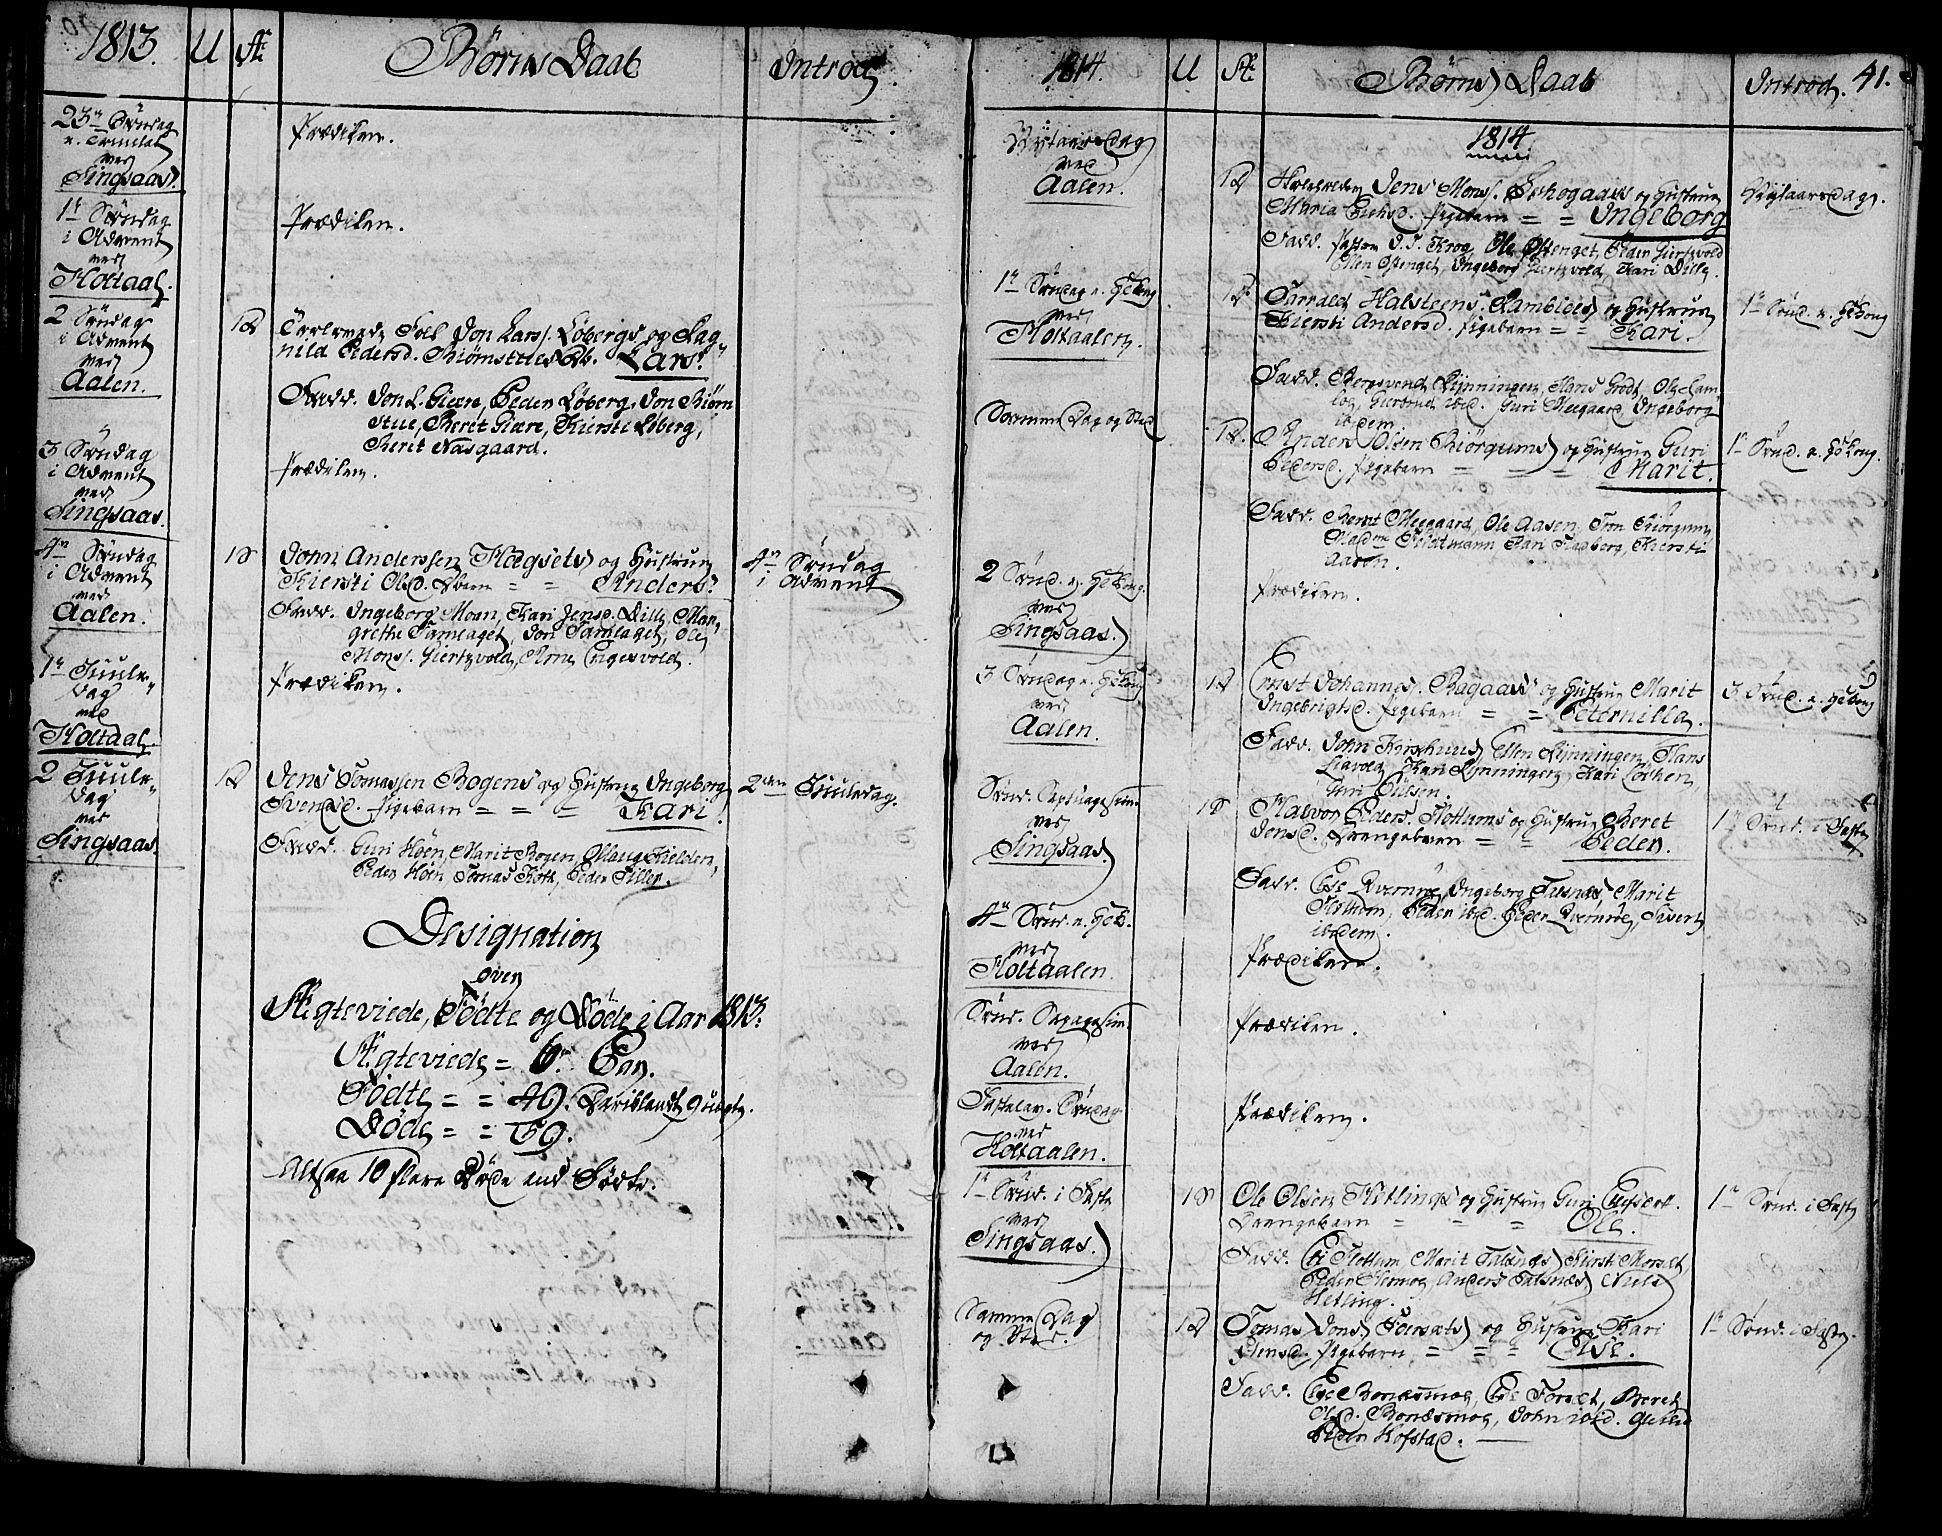 SAT, Ministerialprotokoller, klokkerbøker og fødselsregistre - Sør-Trøndelag, 685/L0953: Ministerialbok nr. 685A02, 1805-1816, s. 41